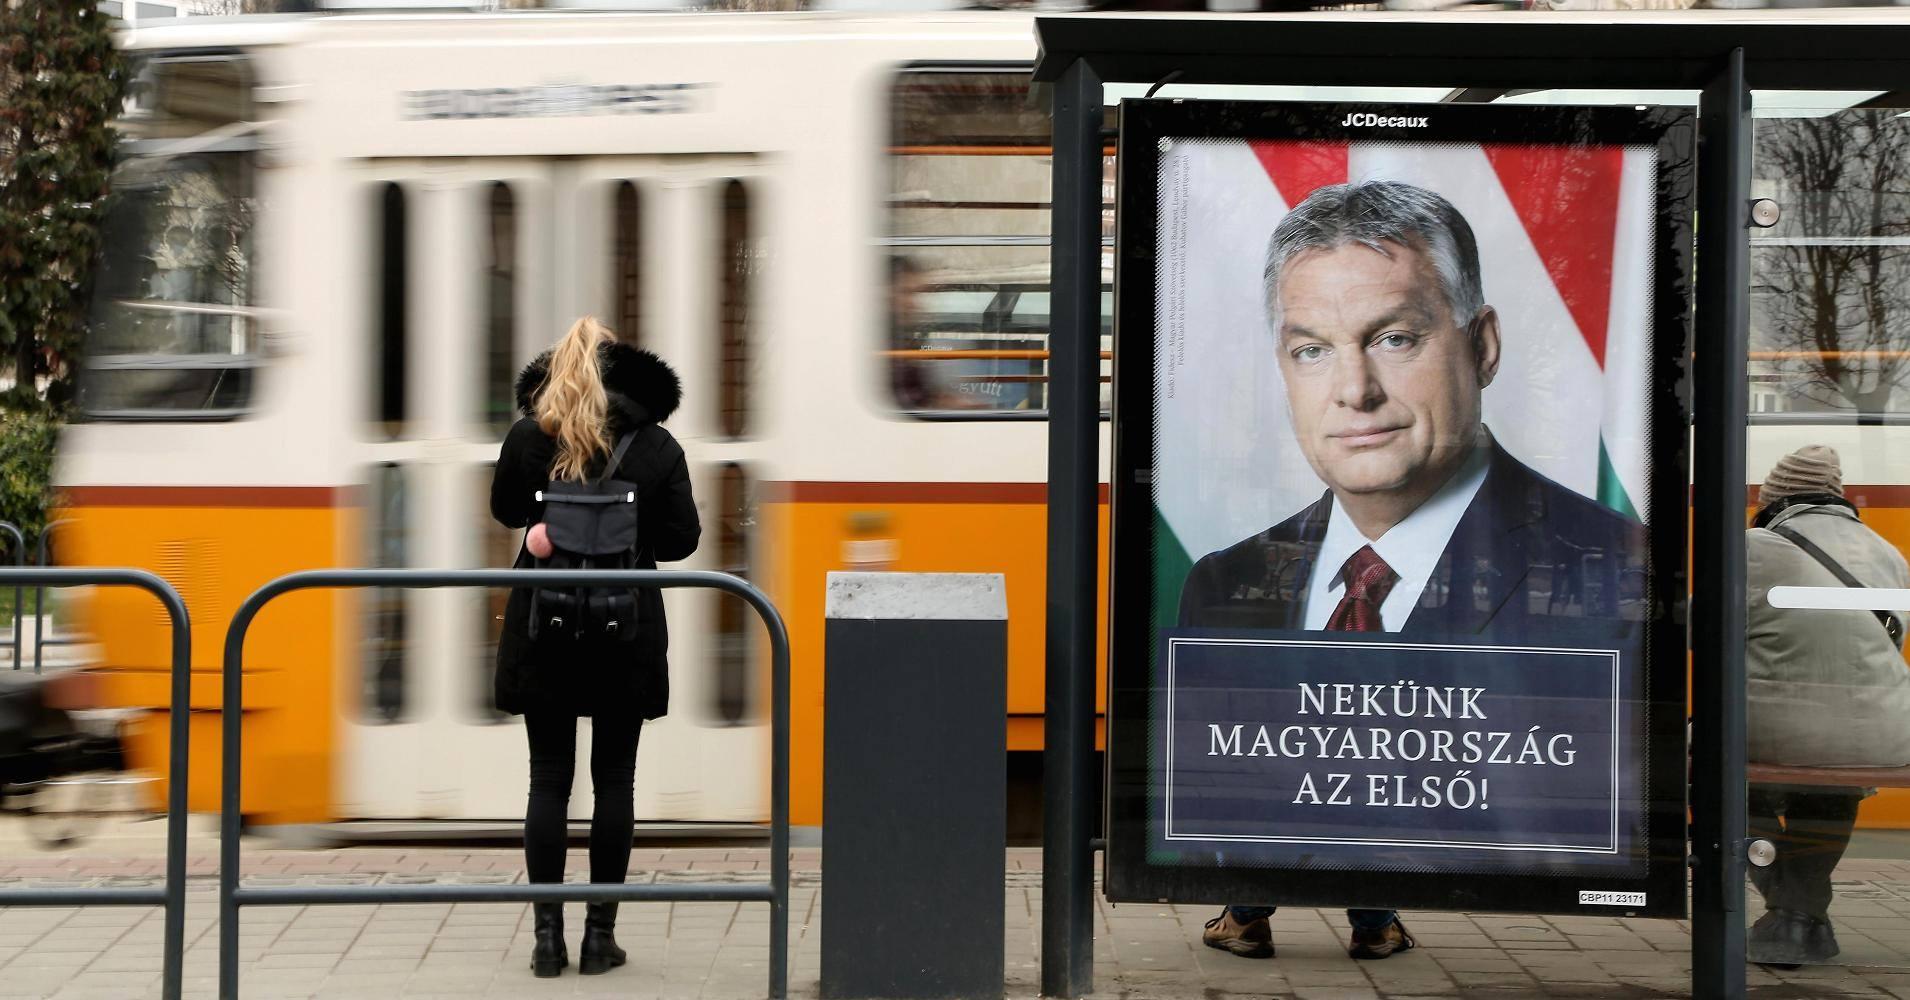 Гамбіт Віктора Орбана: що принесуть із собою парламентські вибори в Угорщині?